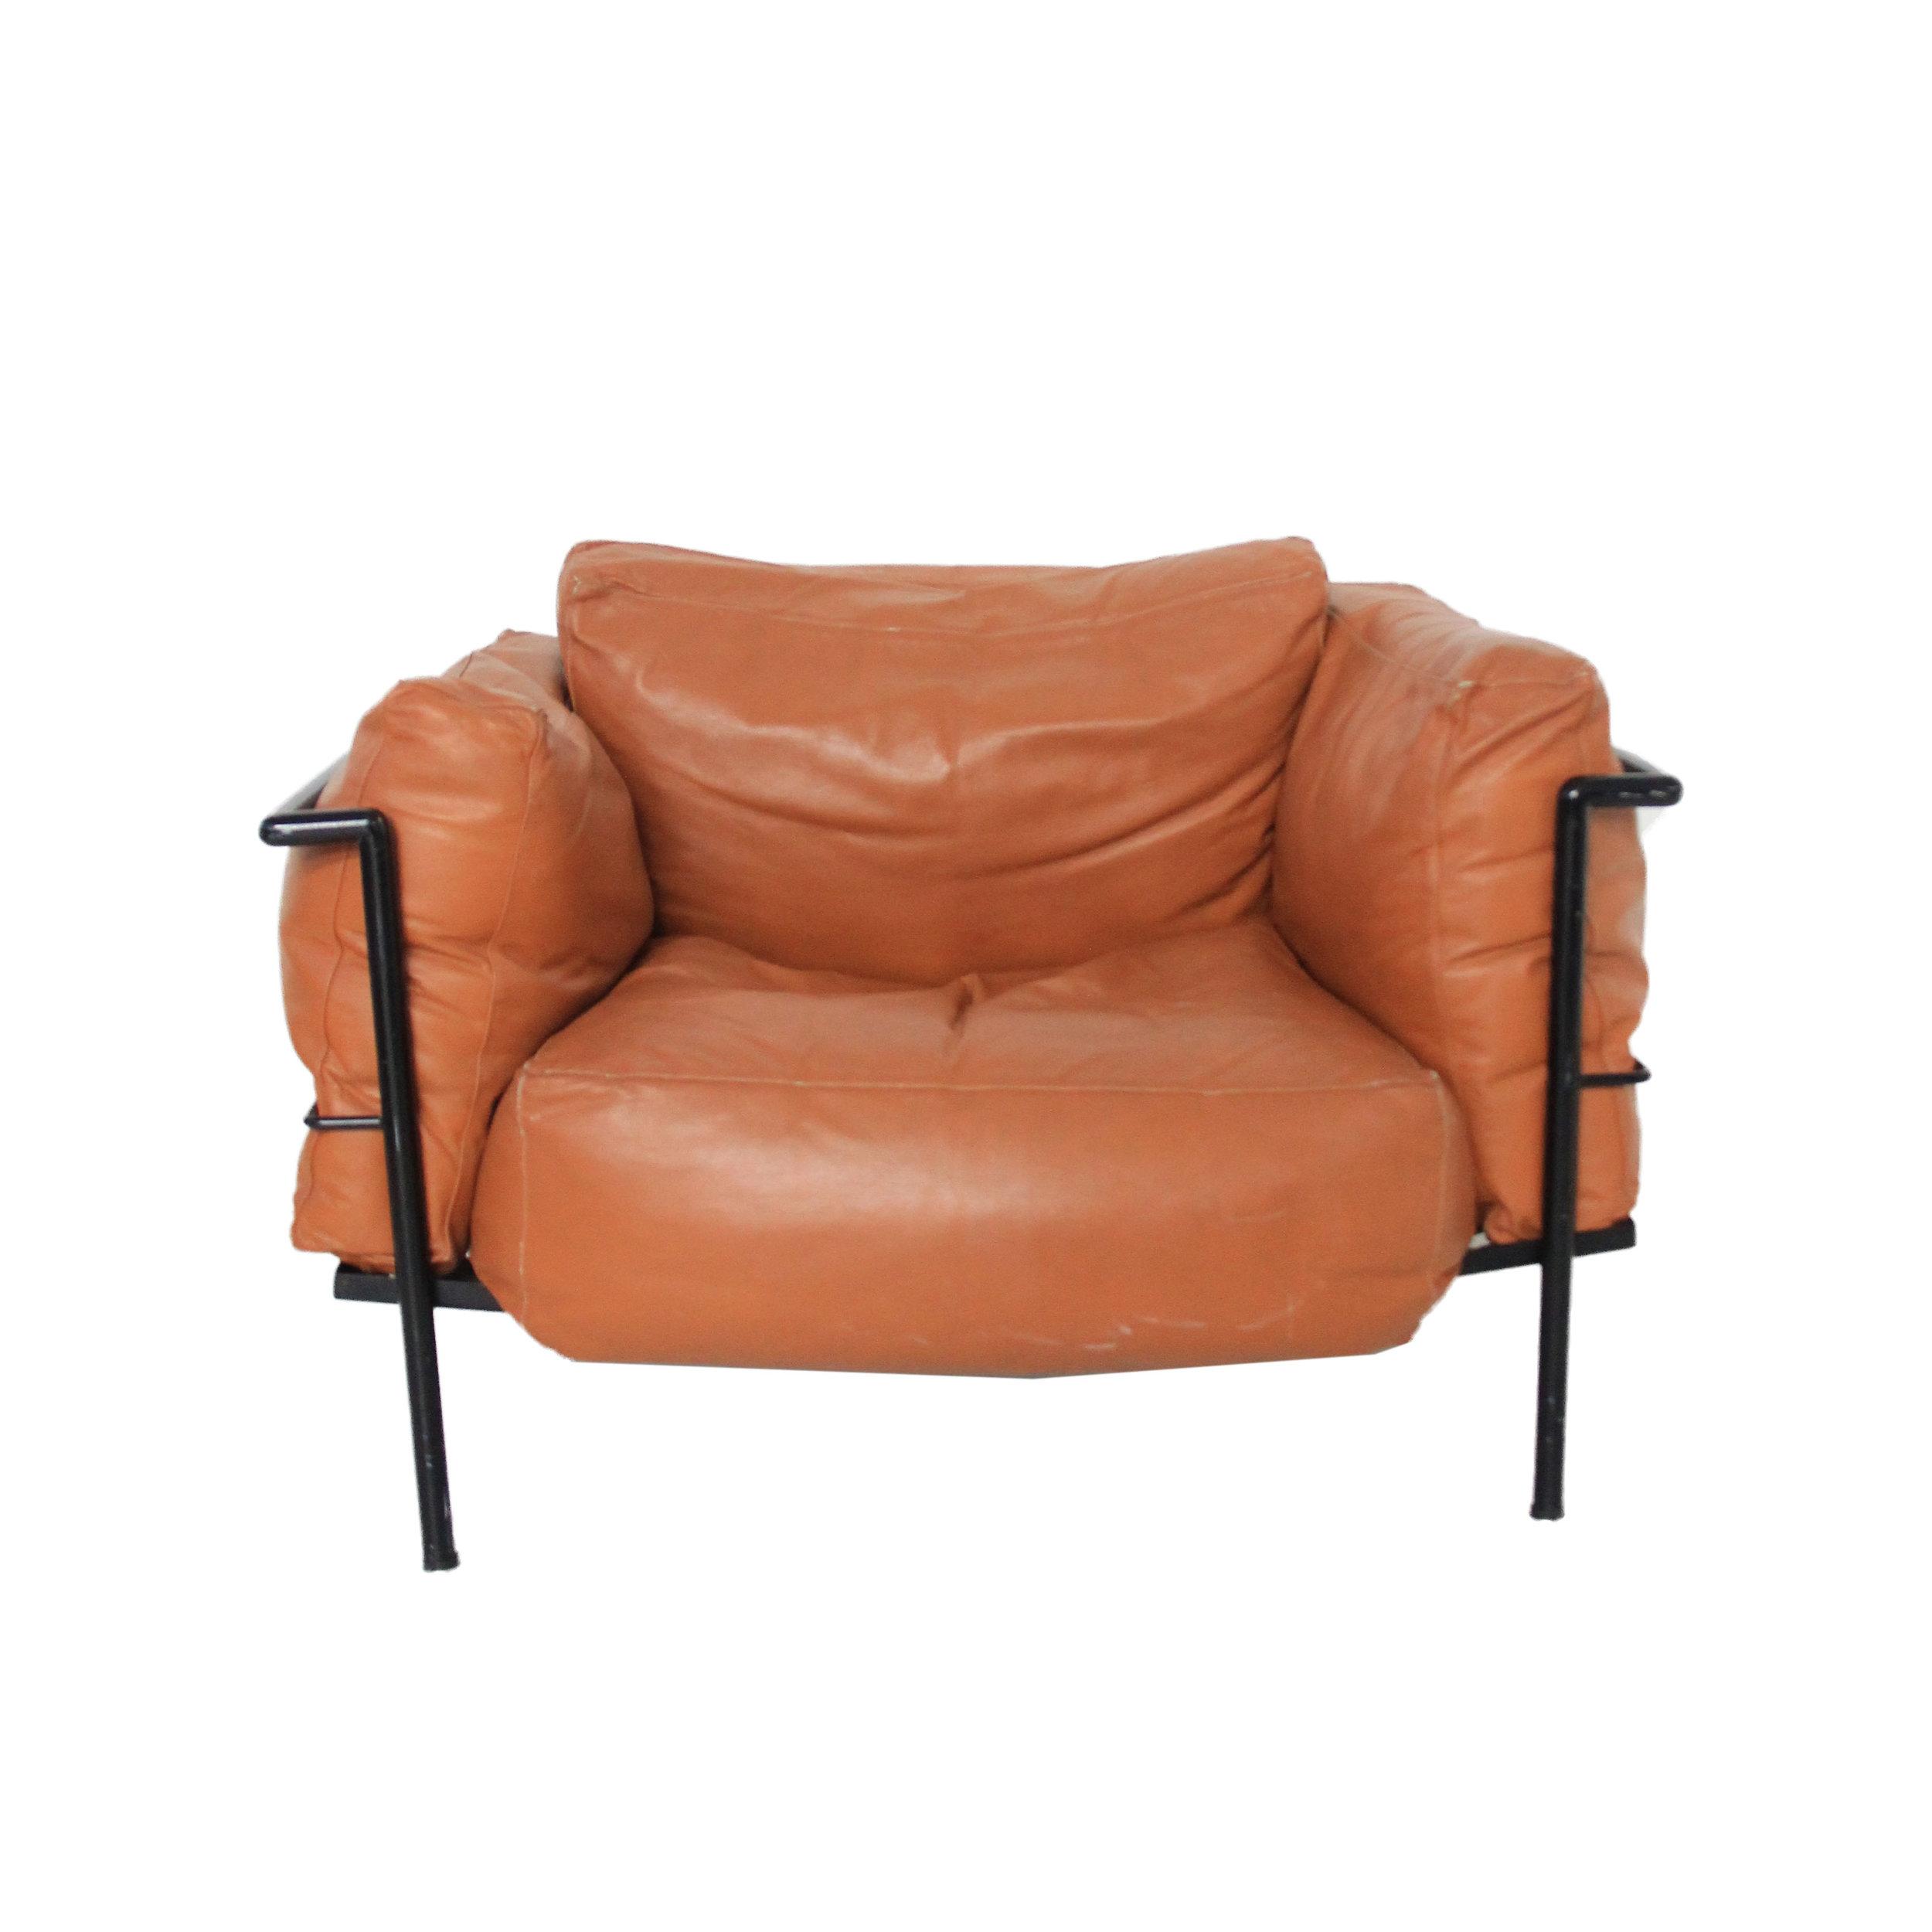 vintage leather cognac chair.jpg